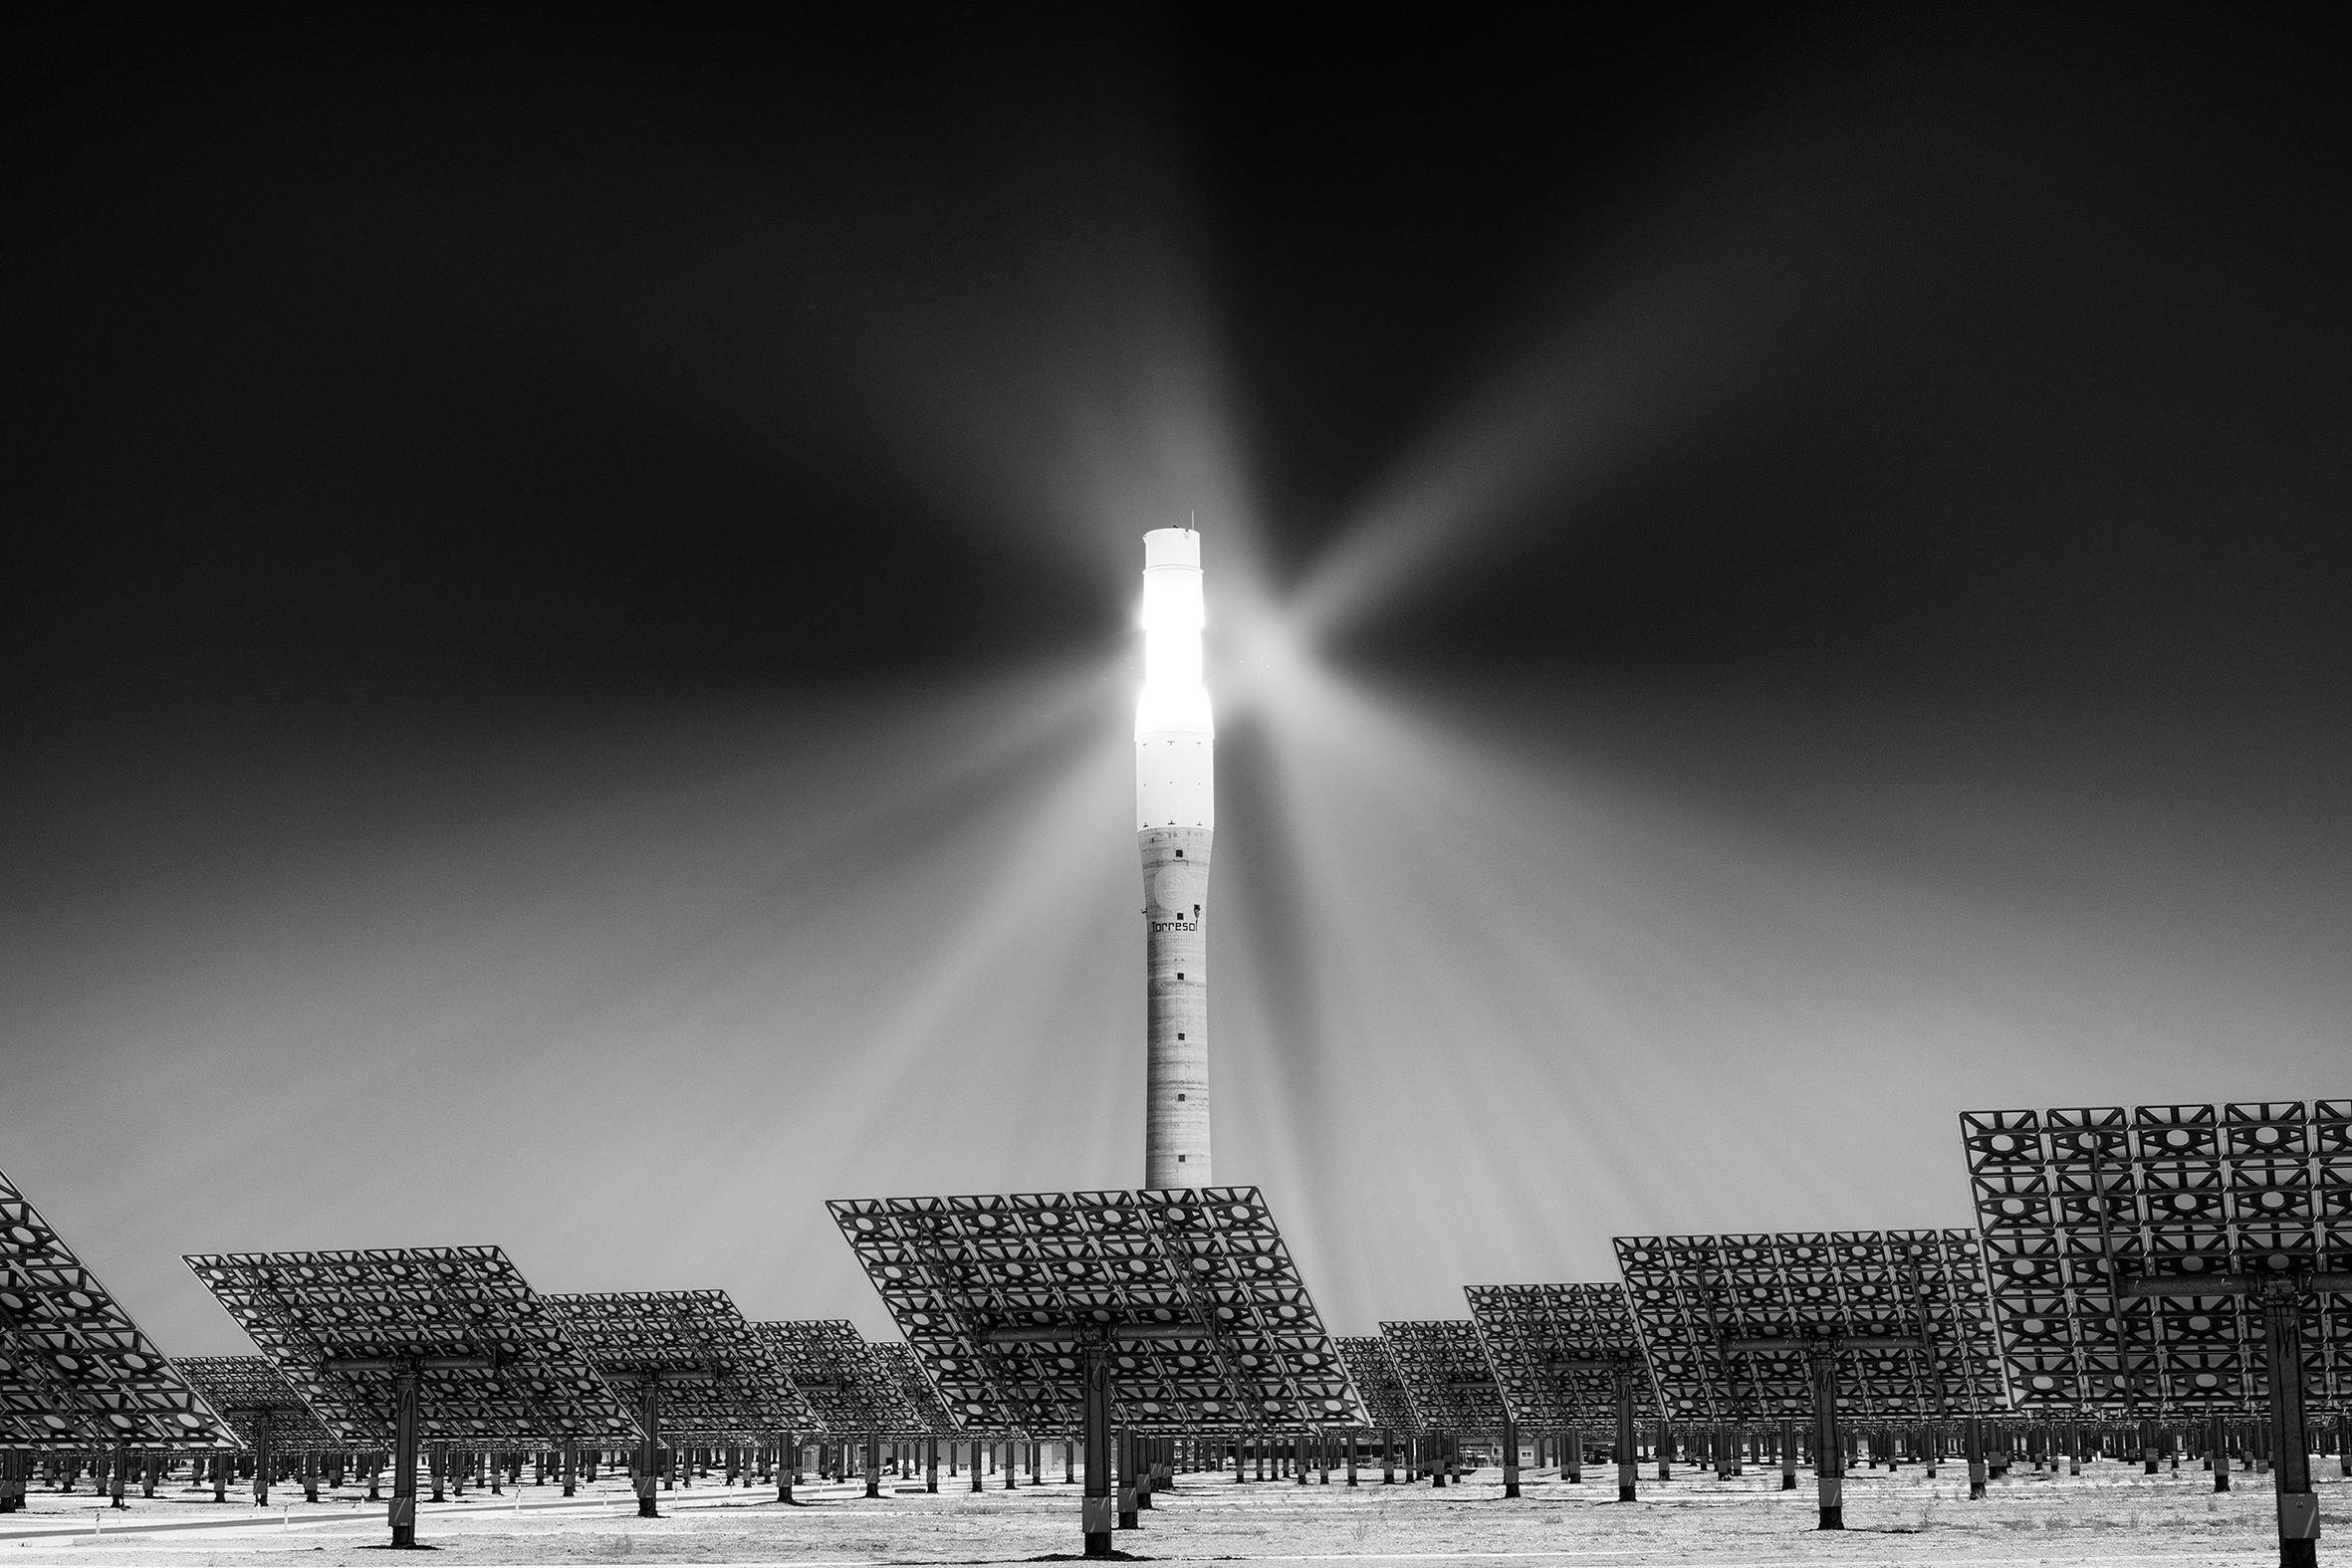 Título: Energy. Autor: Juanma Maroto.